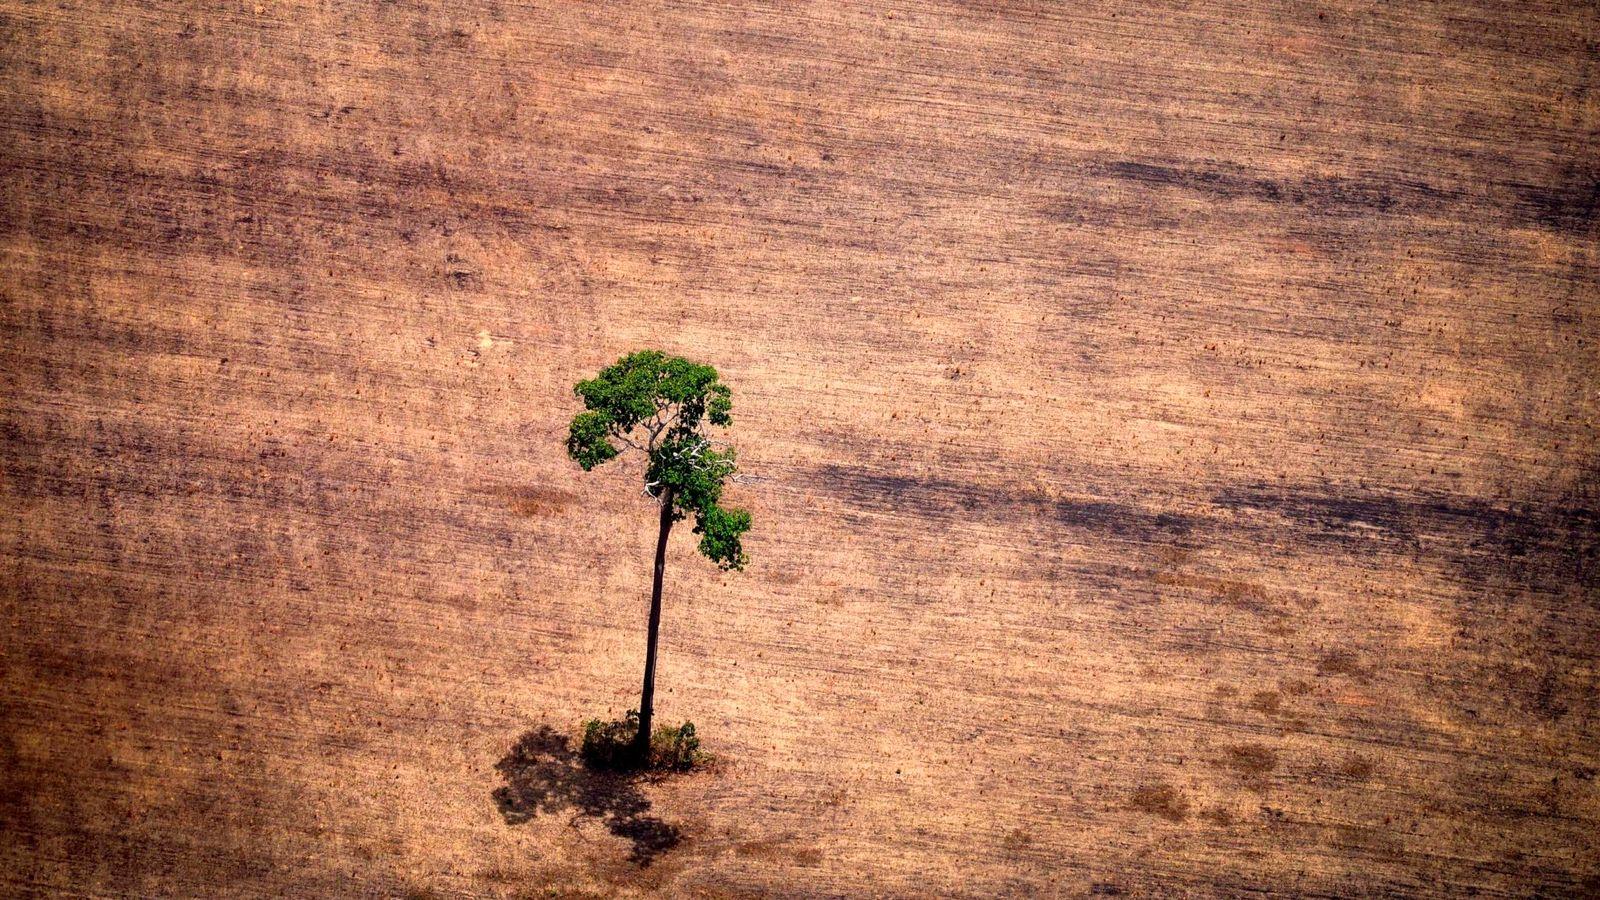 Un árbol sobrevive a la deforestación en la Amazonia